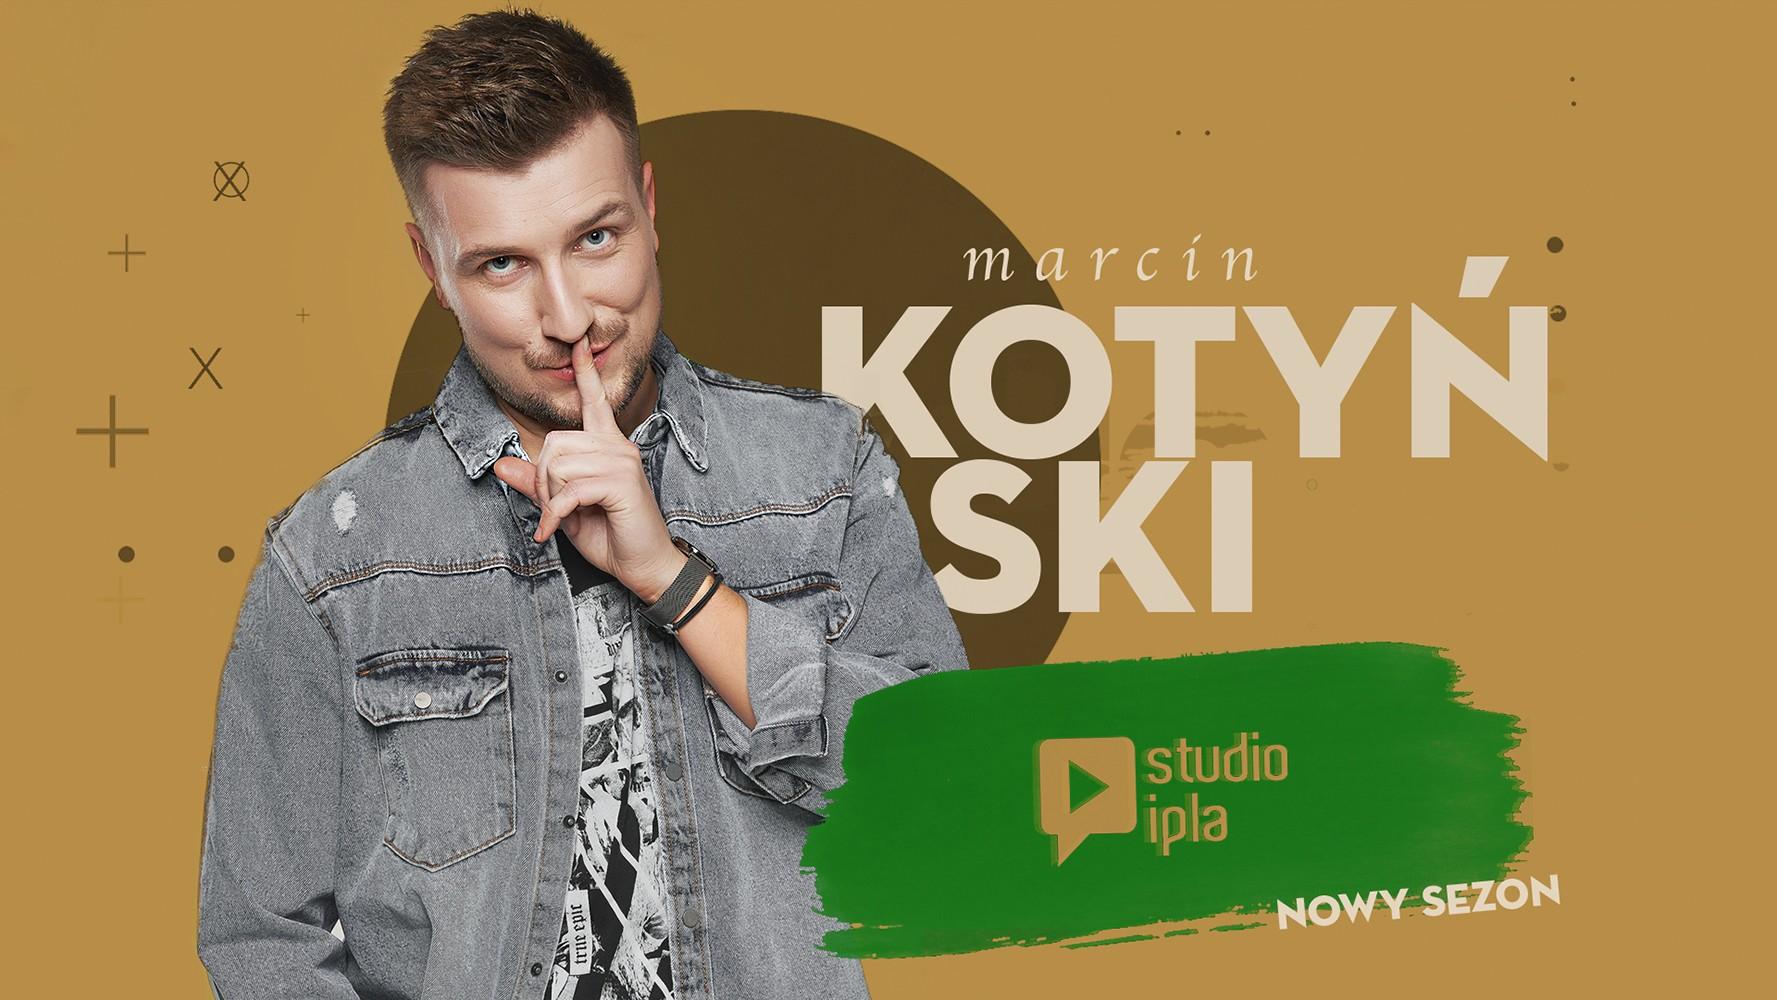 Marcin Kotyński w Studio IPLA: Z muzyką przez świat! - Polsat.pl